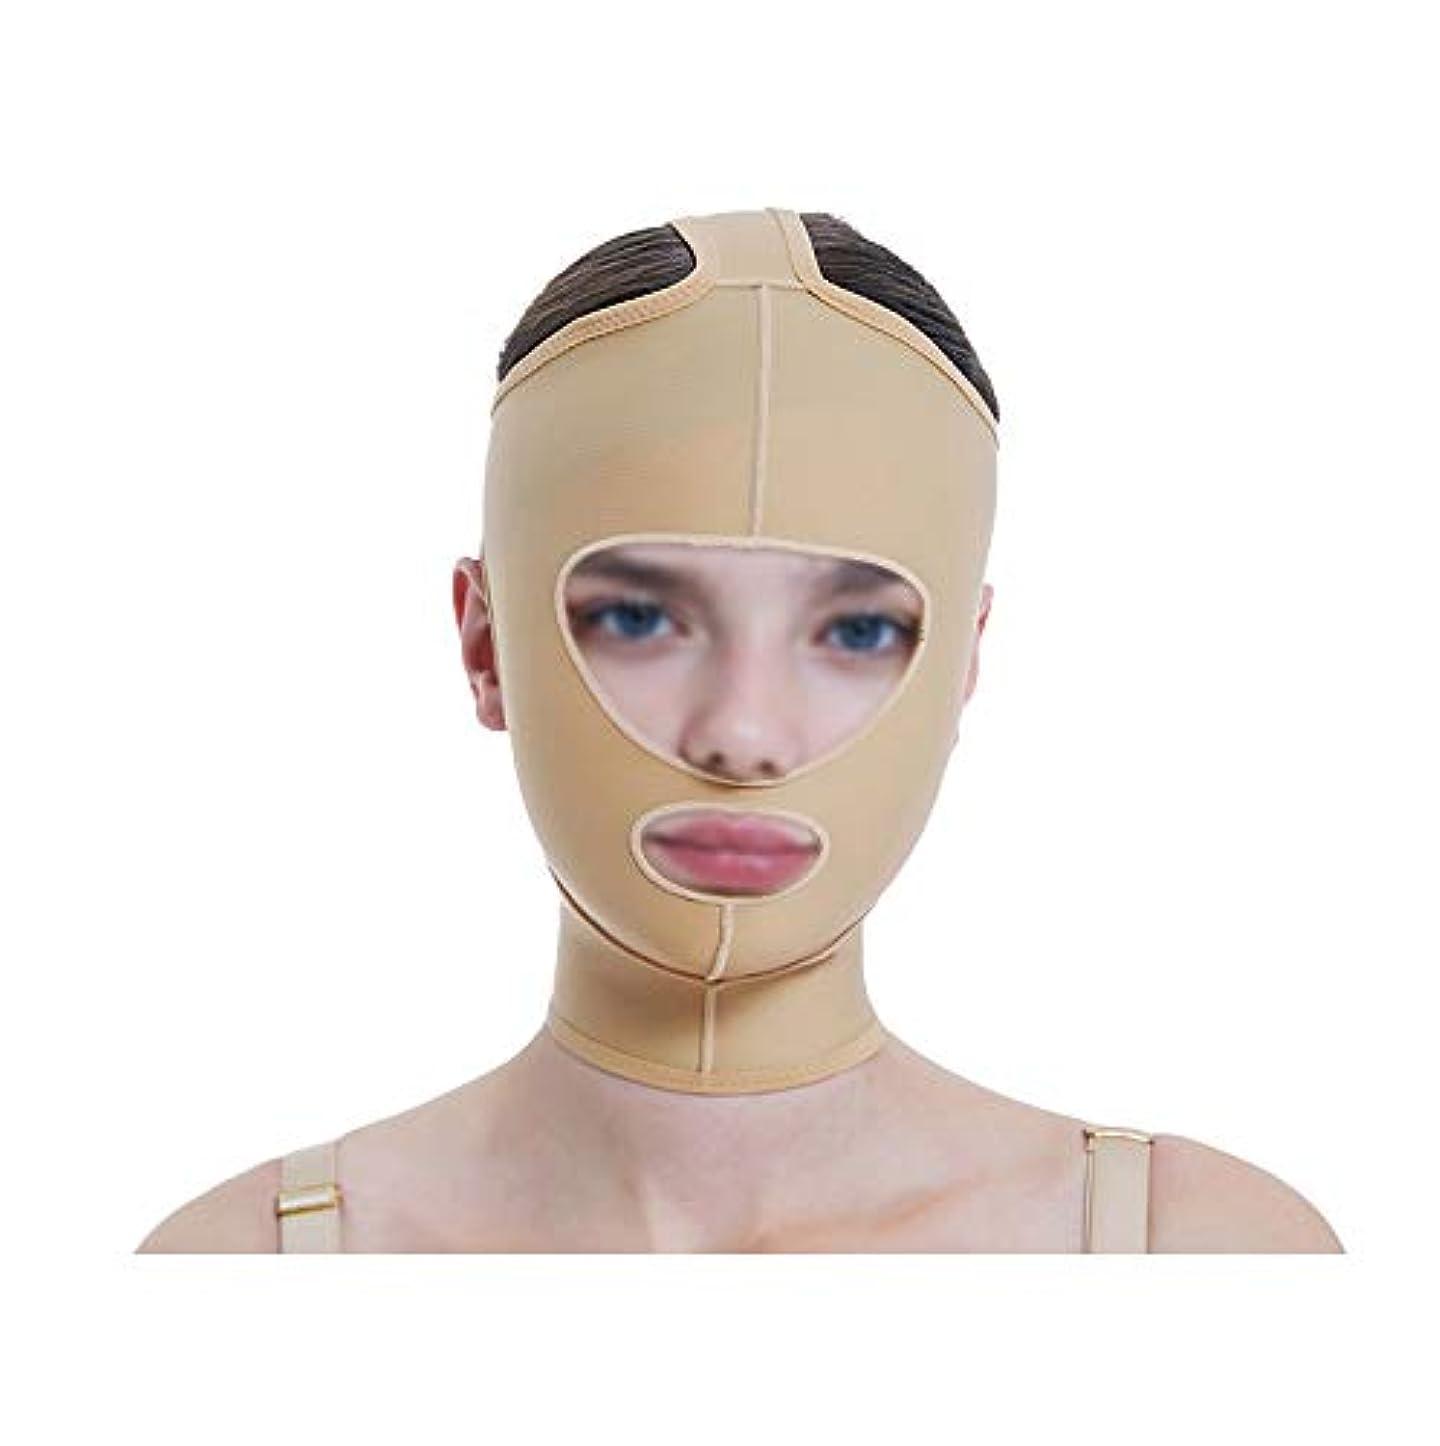 ミュート曲げるスポンジTLMY 顔と首のリフト痩身マスクの顔の彫刻の顔の弾性スーツ薄い二重あごのアーティファクトV顔のビーム表面 顔用整形マスク (Size : S)